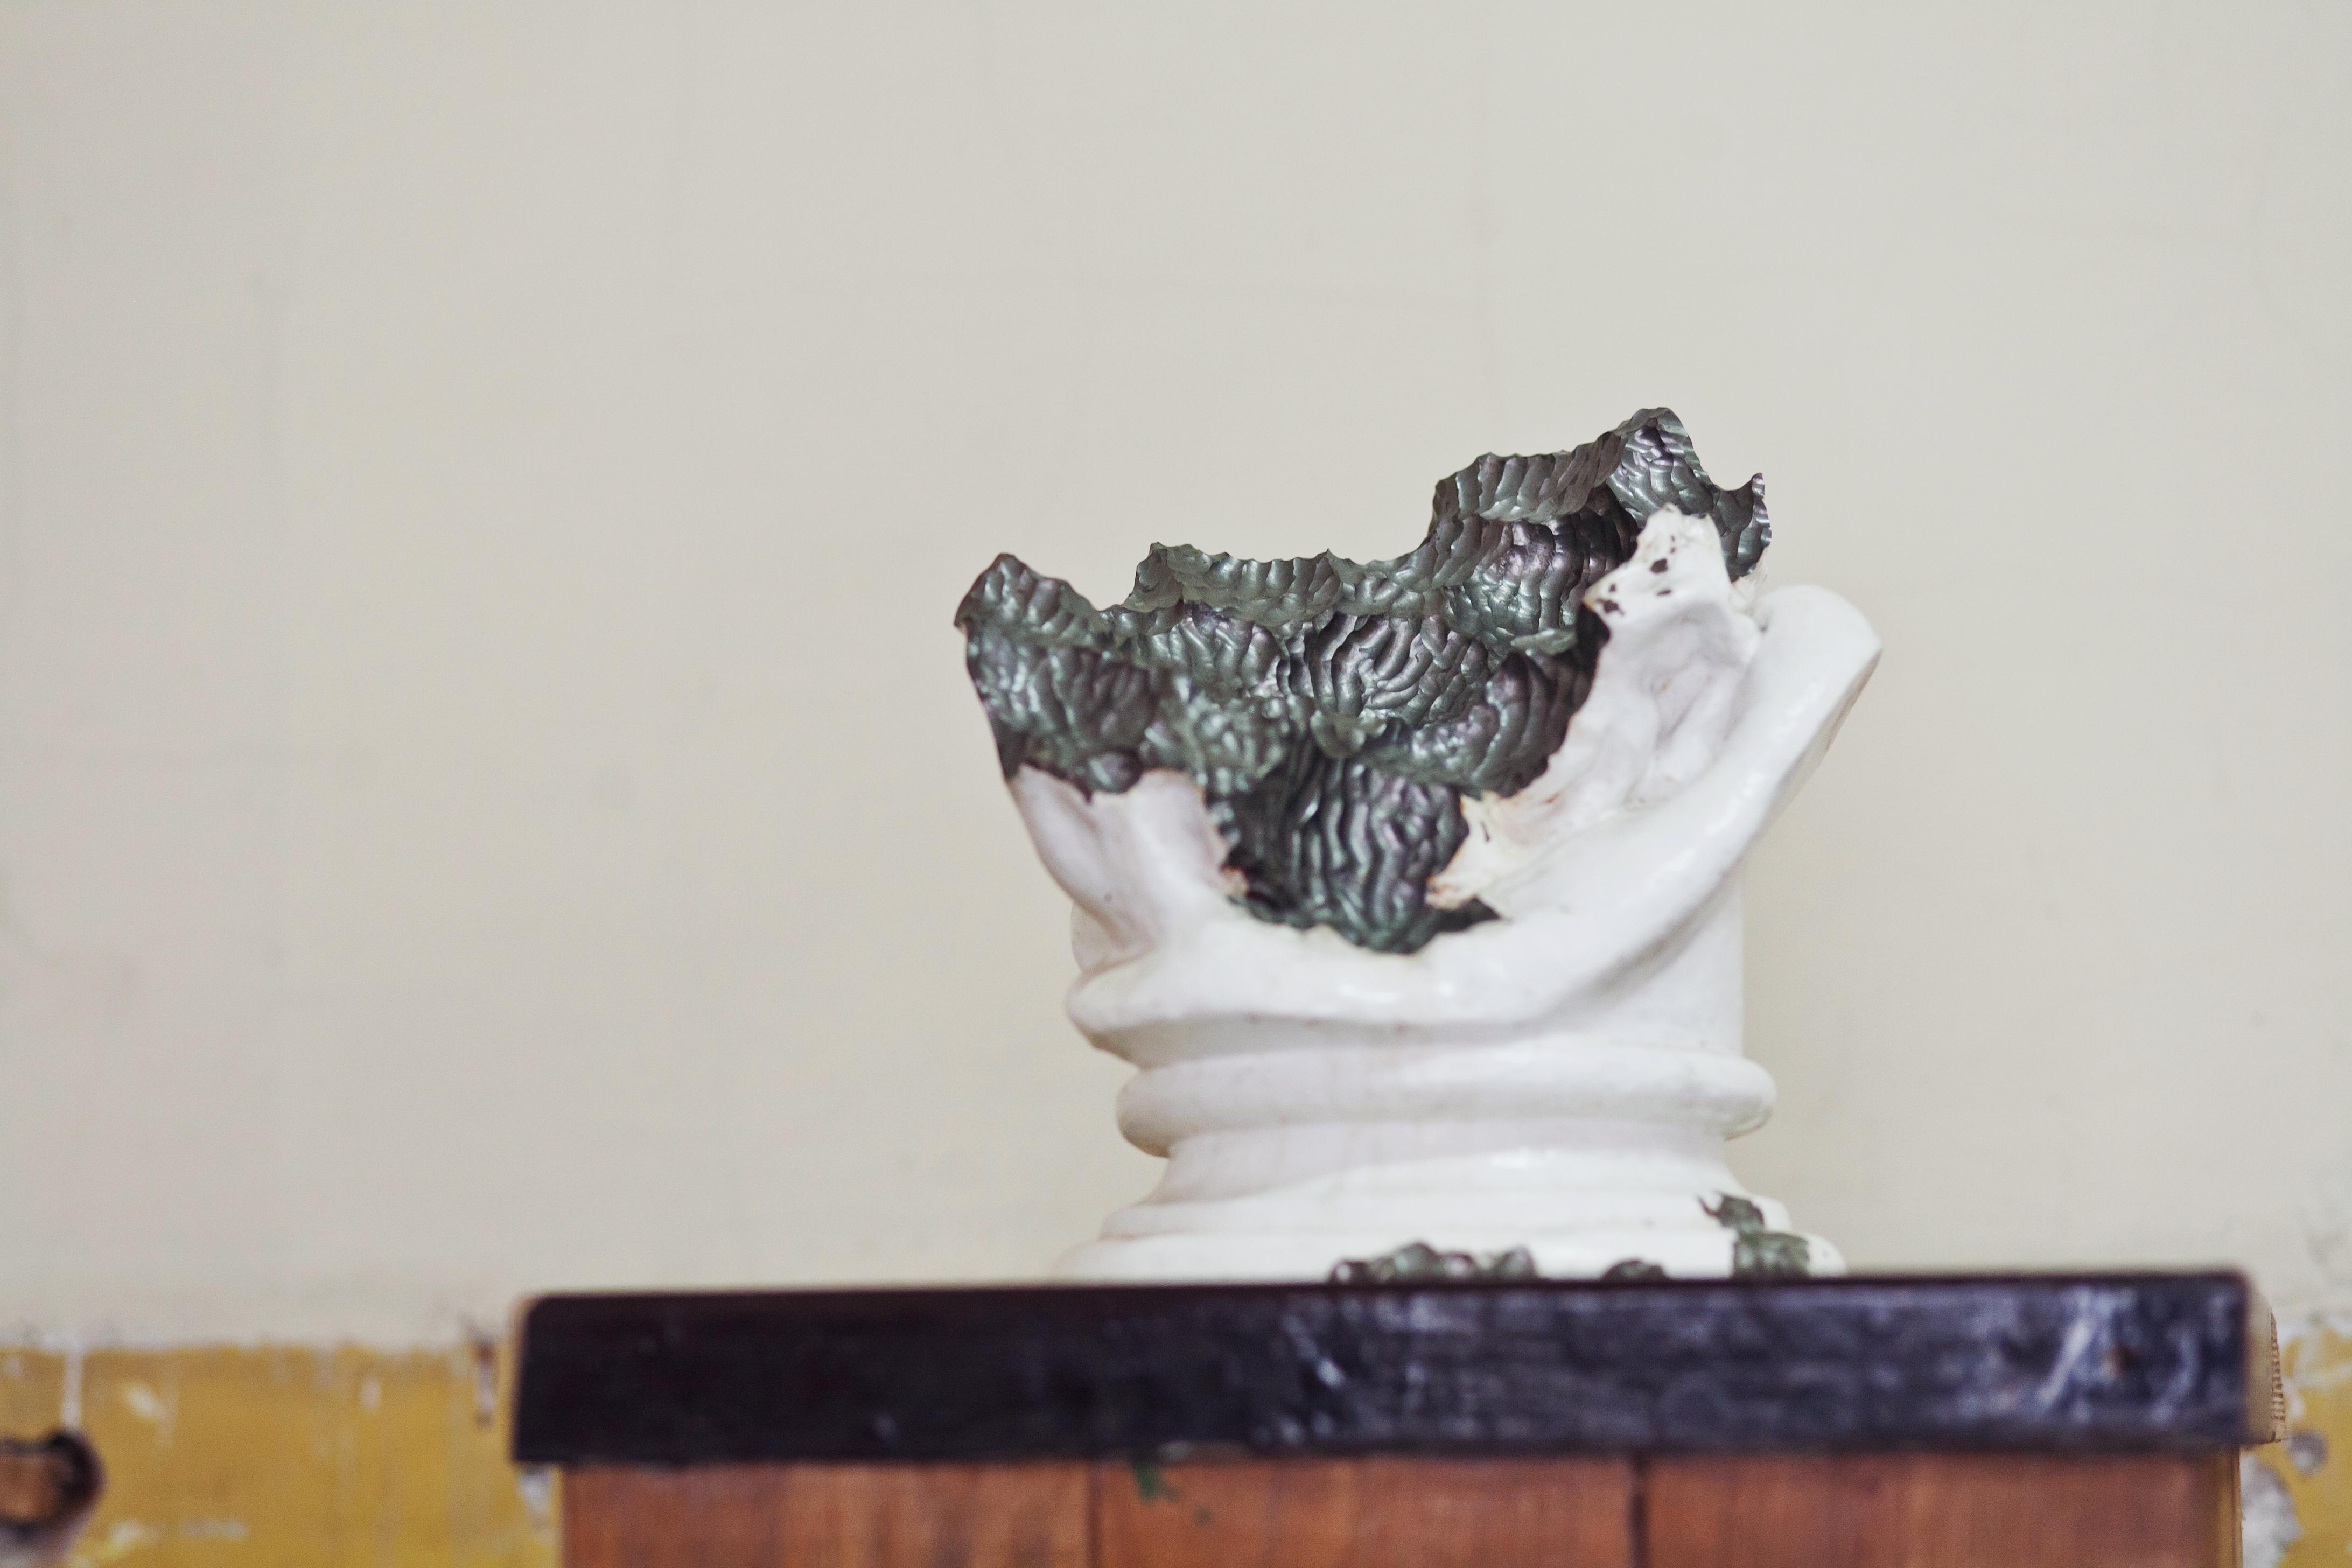 Olaf Brzeski, Rzeźba zjedzona przezślimaka